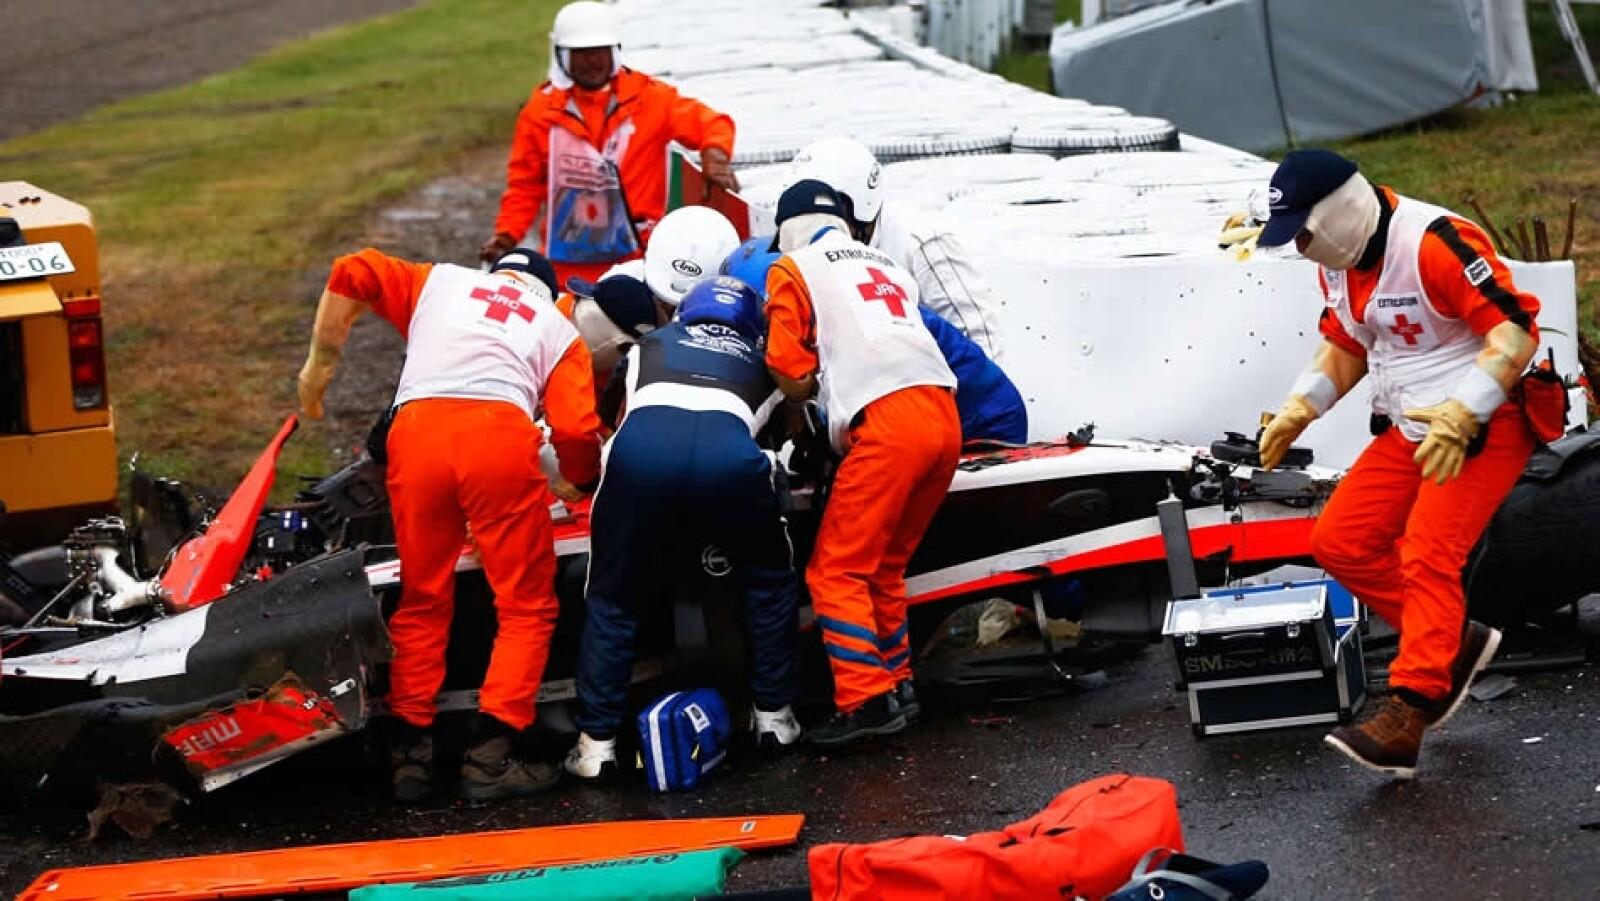 Jules Bianchi, piloto de Fórmula Uno, sufrió un accidente durante el Gran Premio de Japón que lo dejó gravemente herido el pasado seis de octubre; el 19 de noviembre, salió de coma inducido